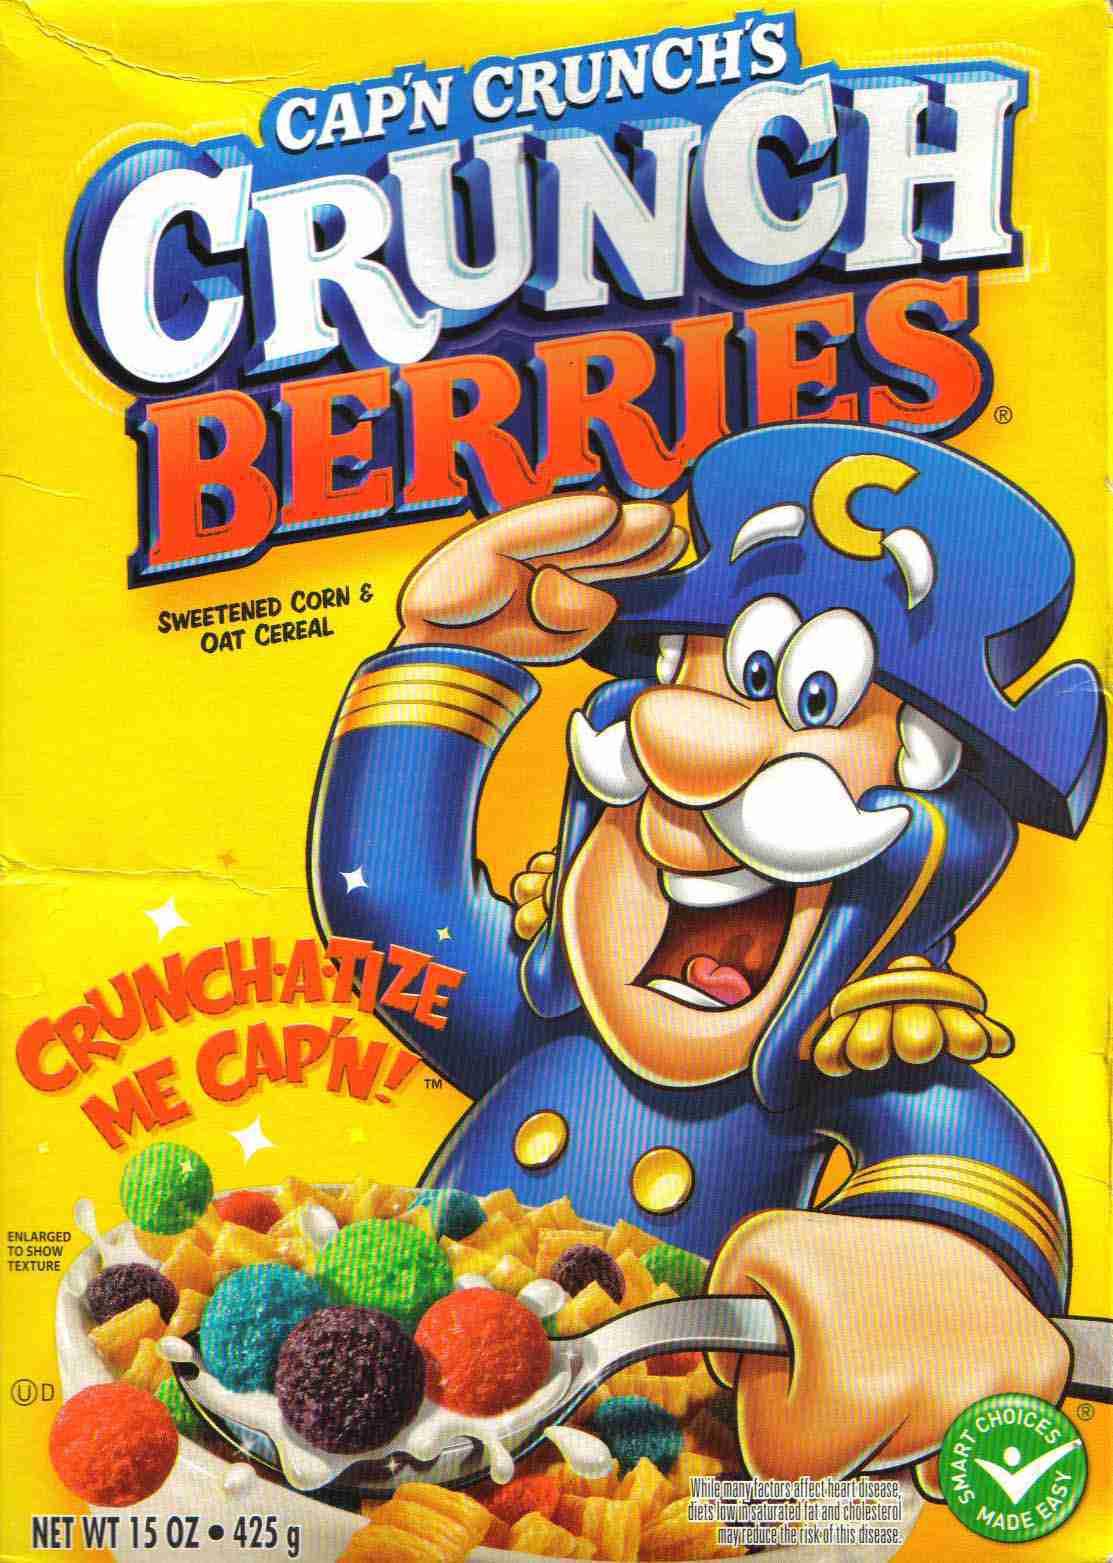 Capn Crunch Berries